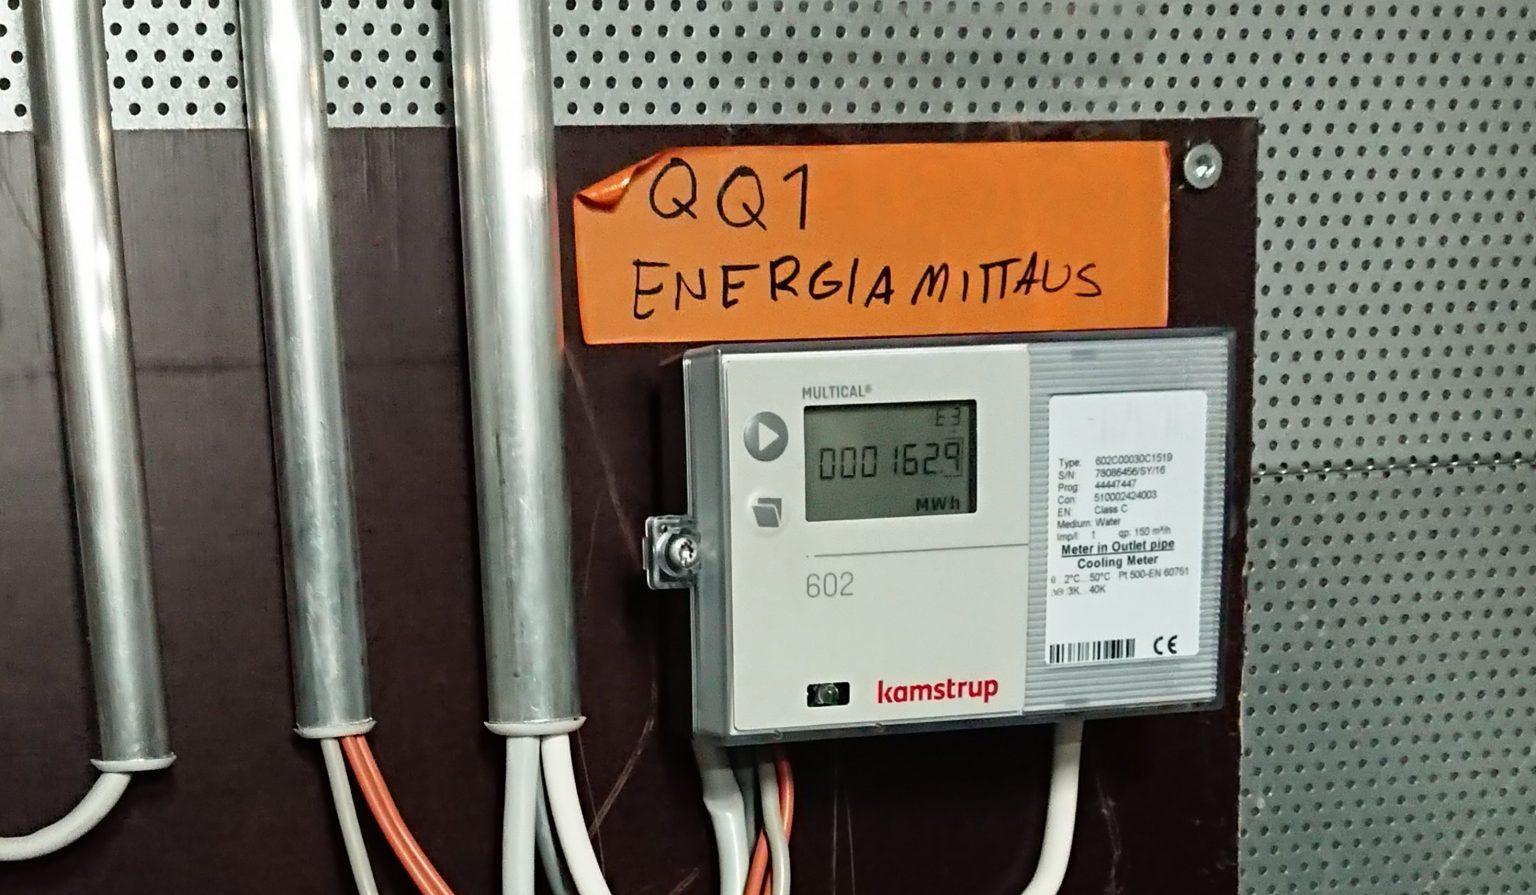 Energiamittari seinalla ja piuhoja - Energiaviisaat